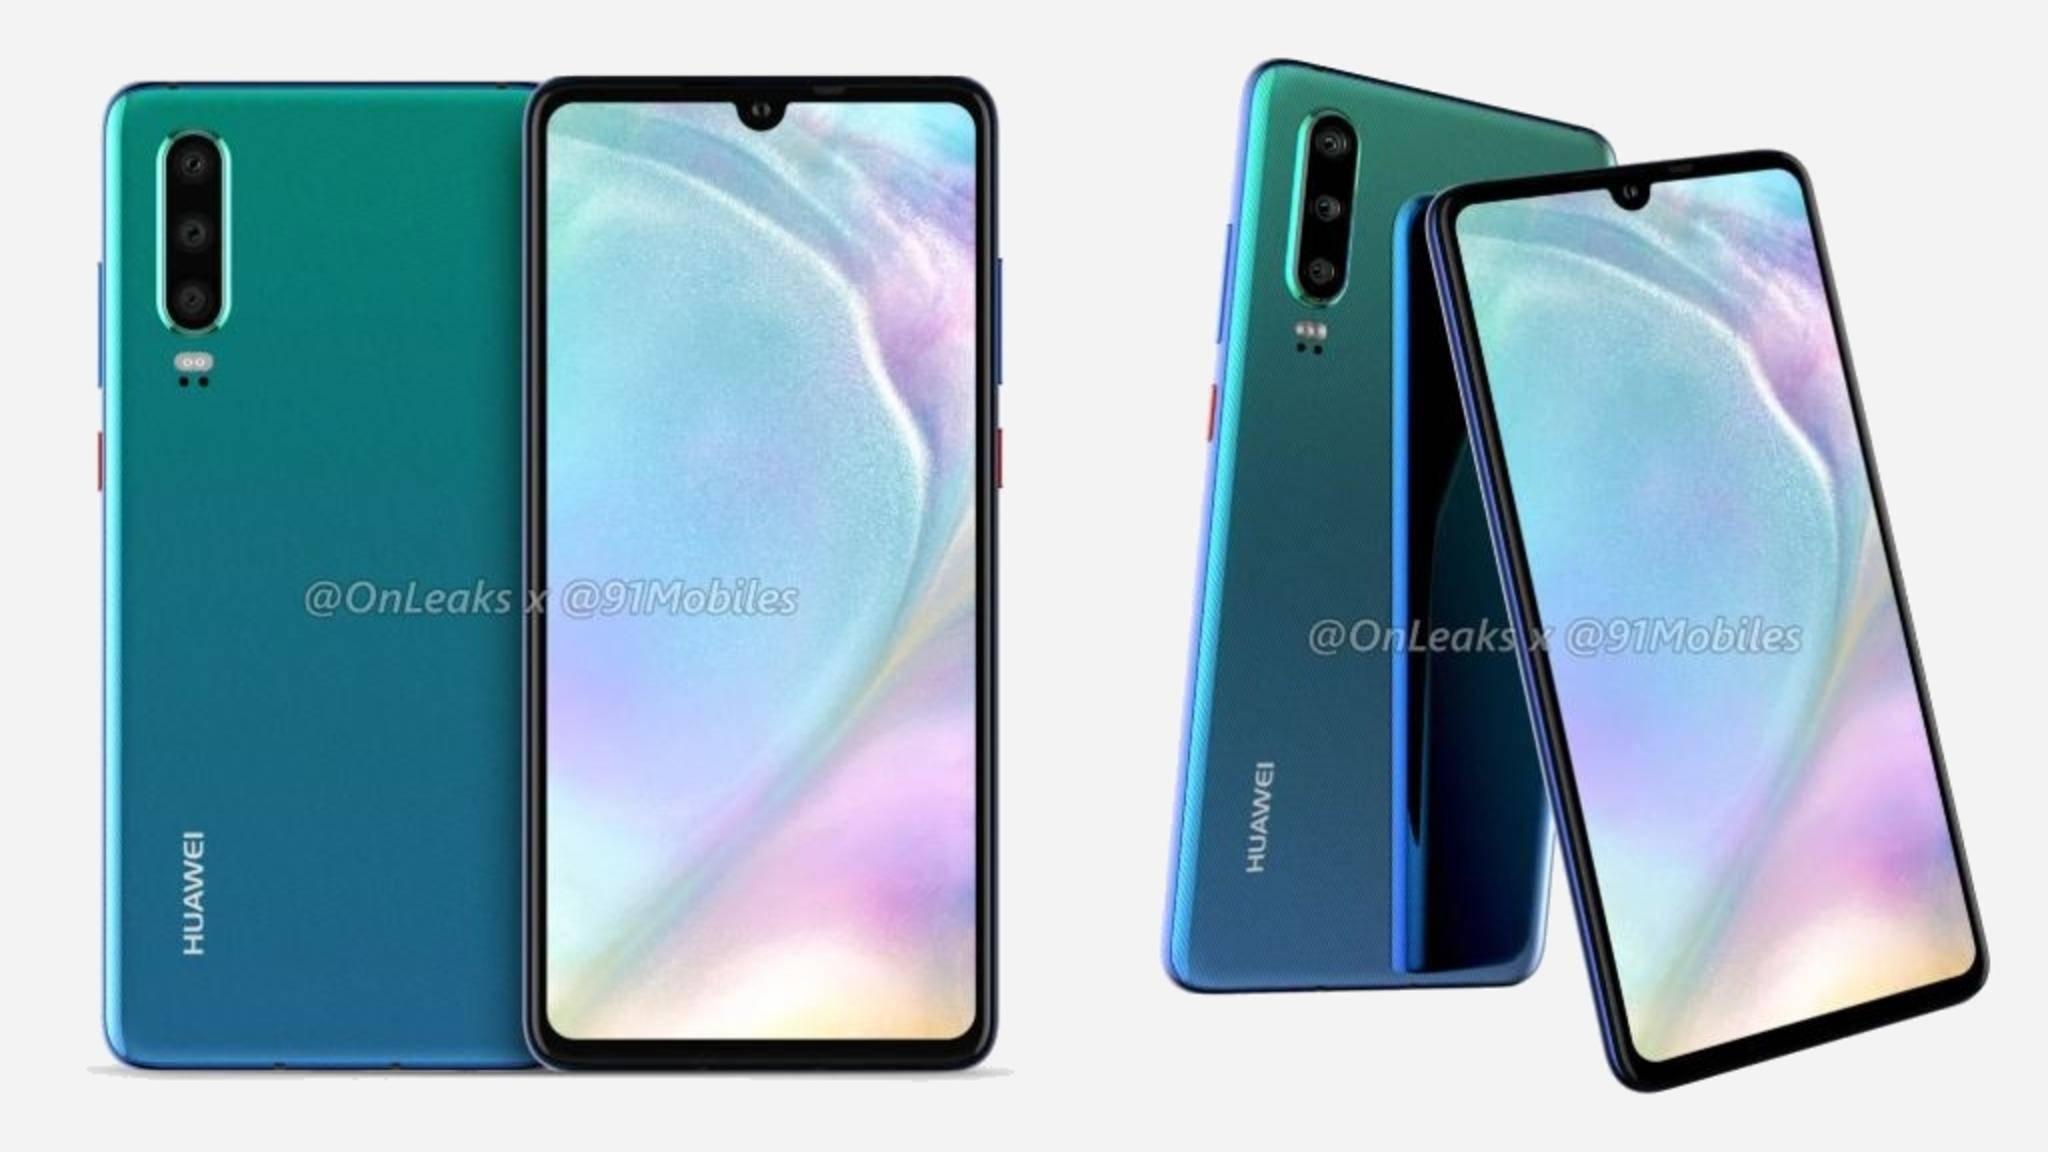 Huawei ruft zum Preiskampf auf: Die P30-Modelle kosten deutlich weniger als die vergleichbaren Smartphones von Samsung.